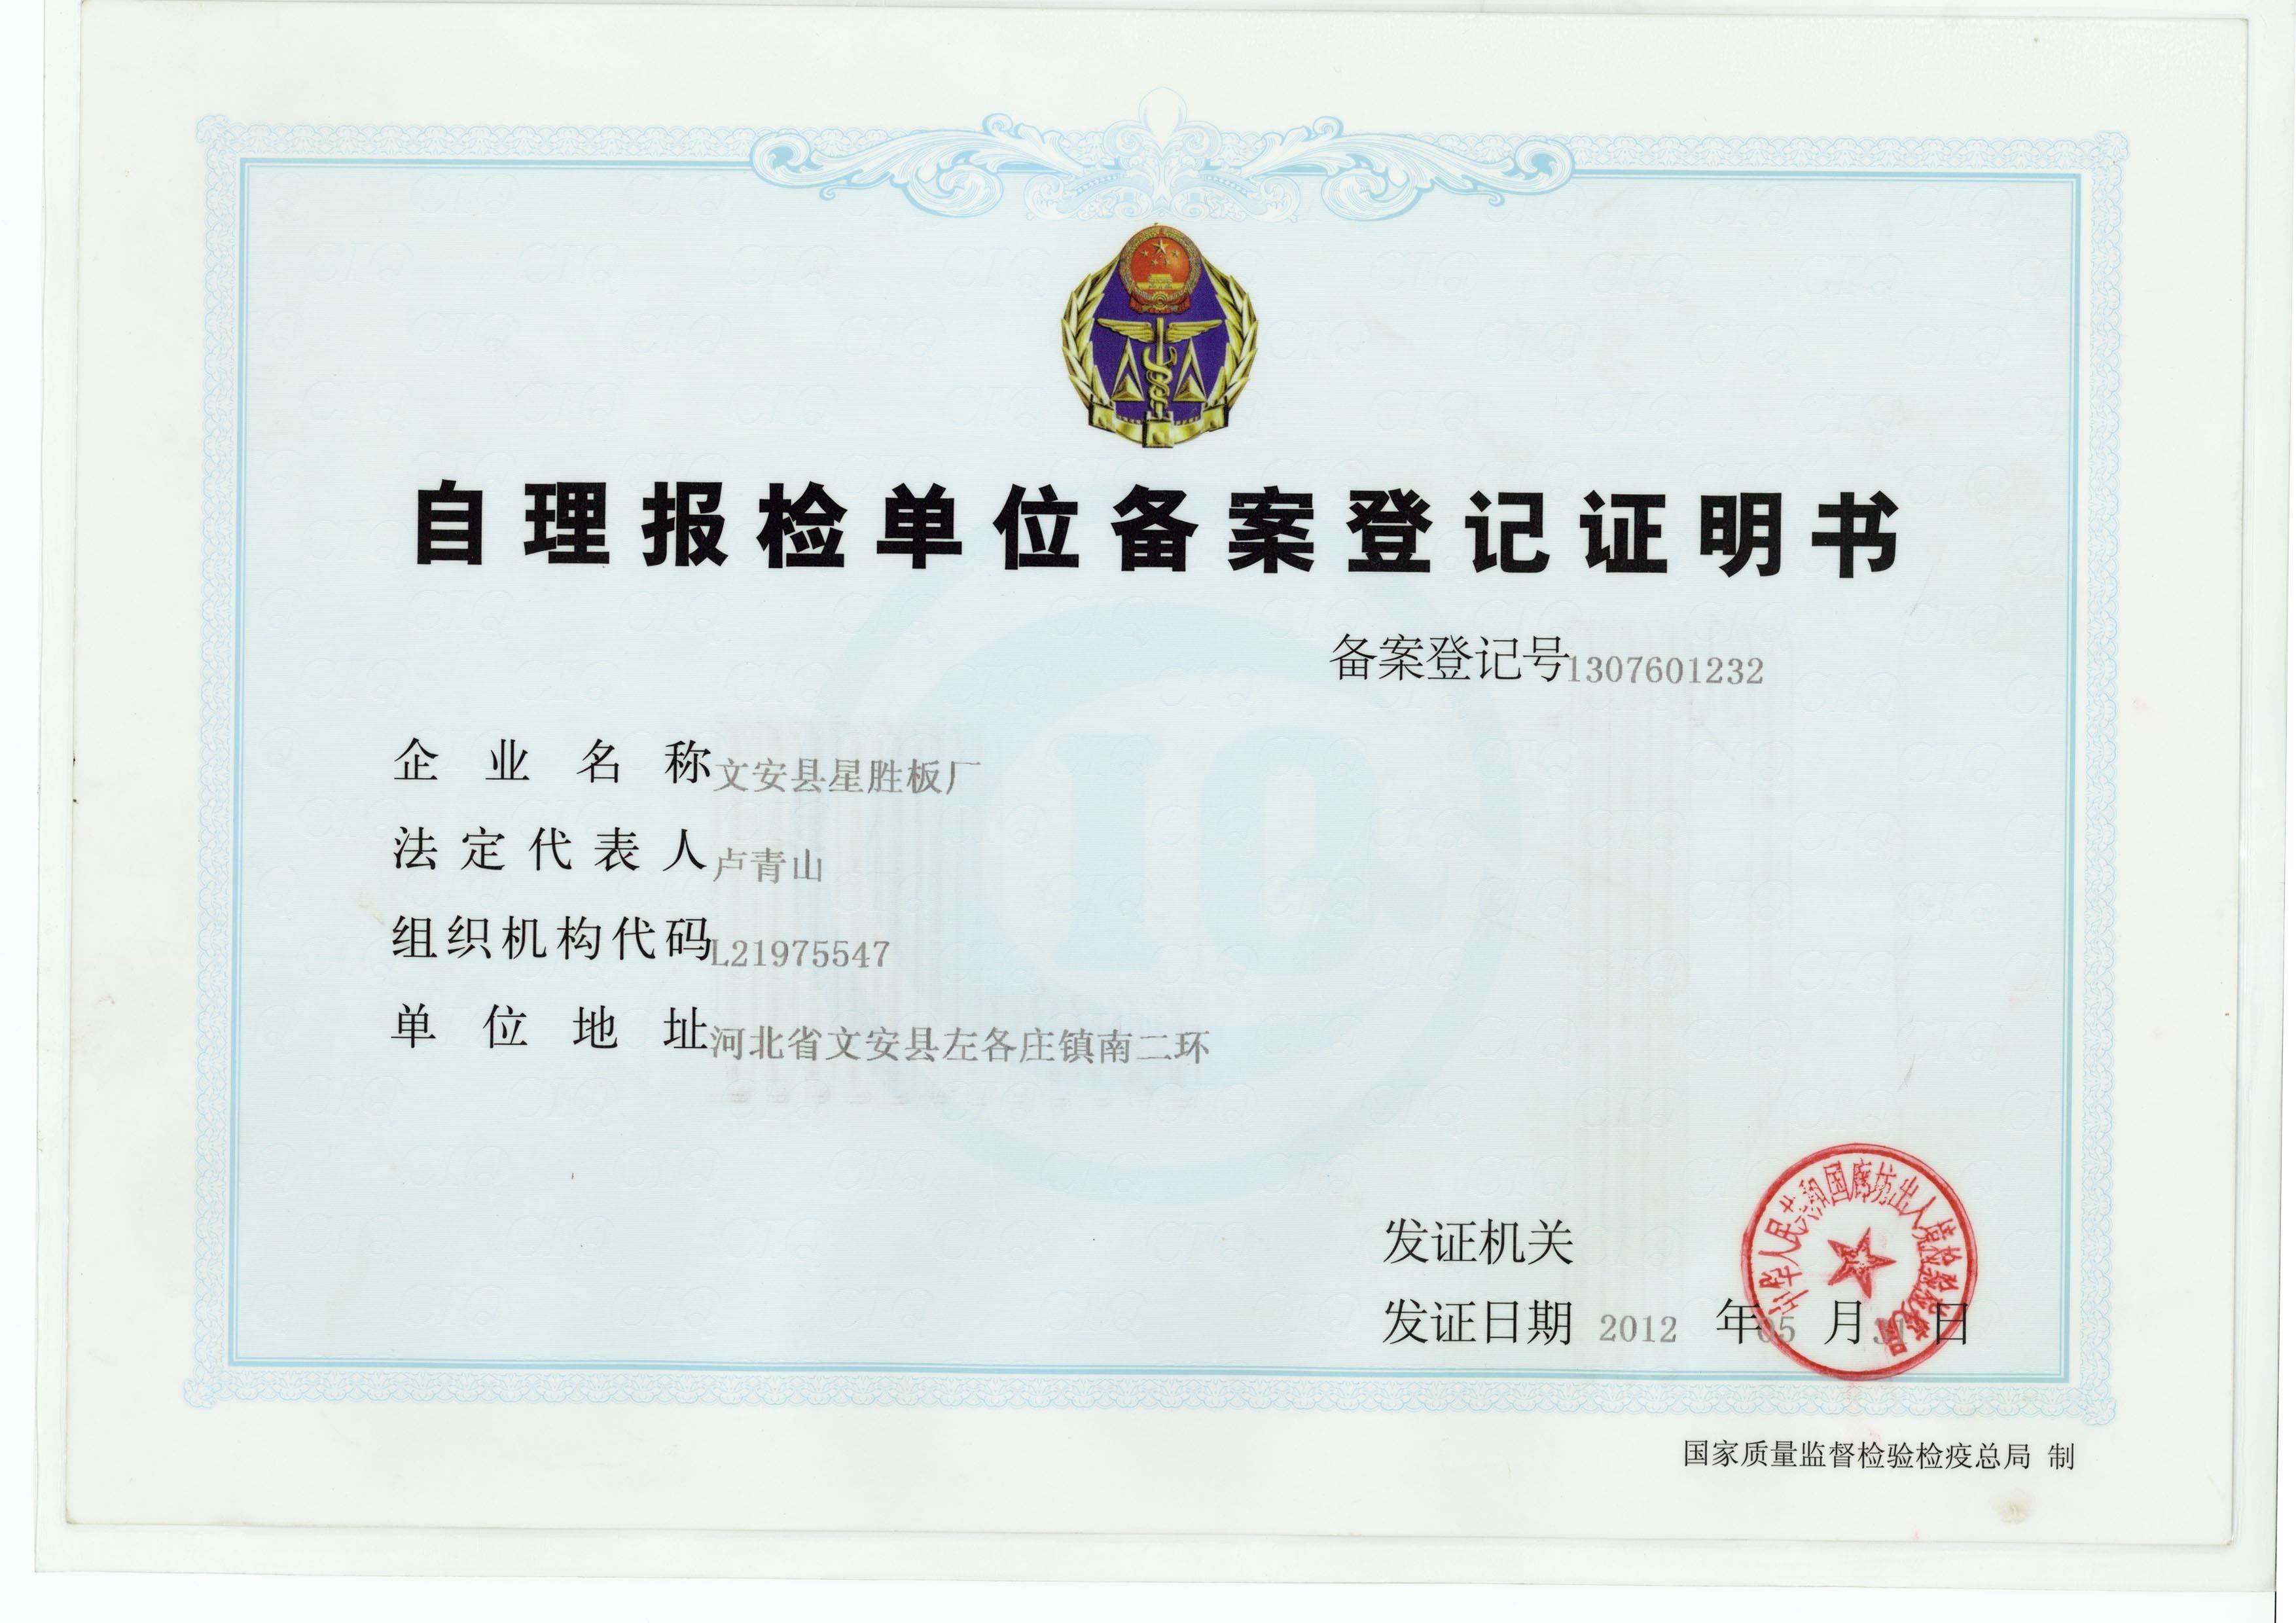 宜美康自理报检单位备案登记证明书